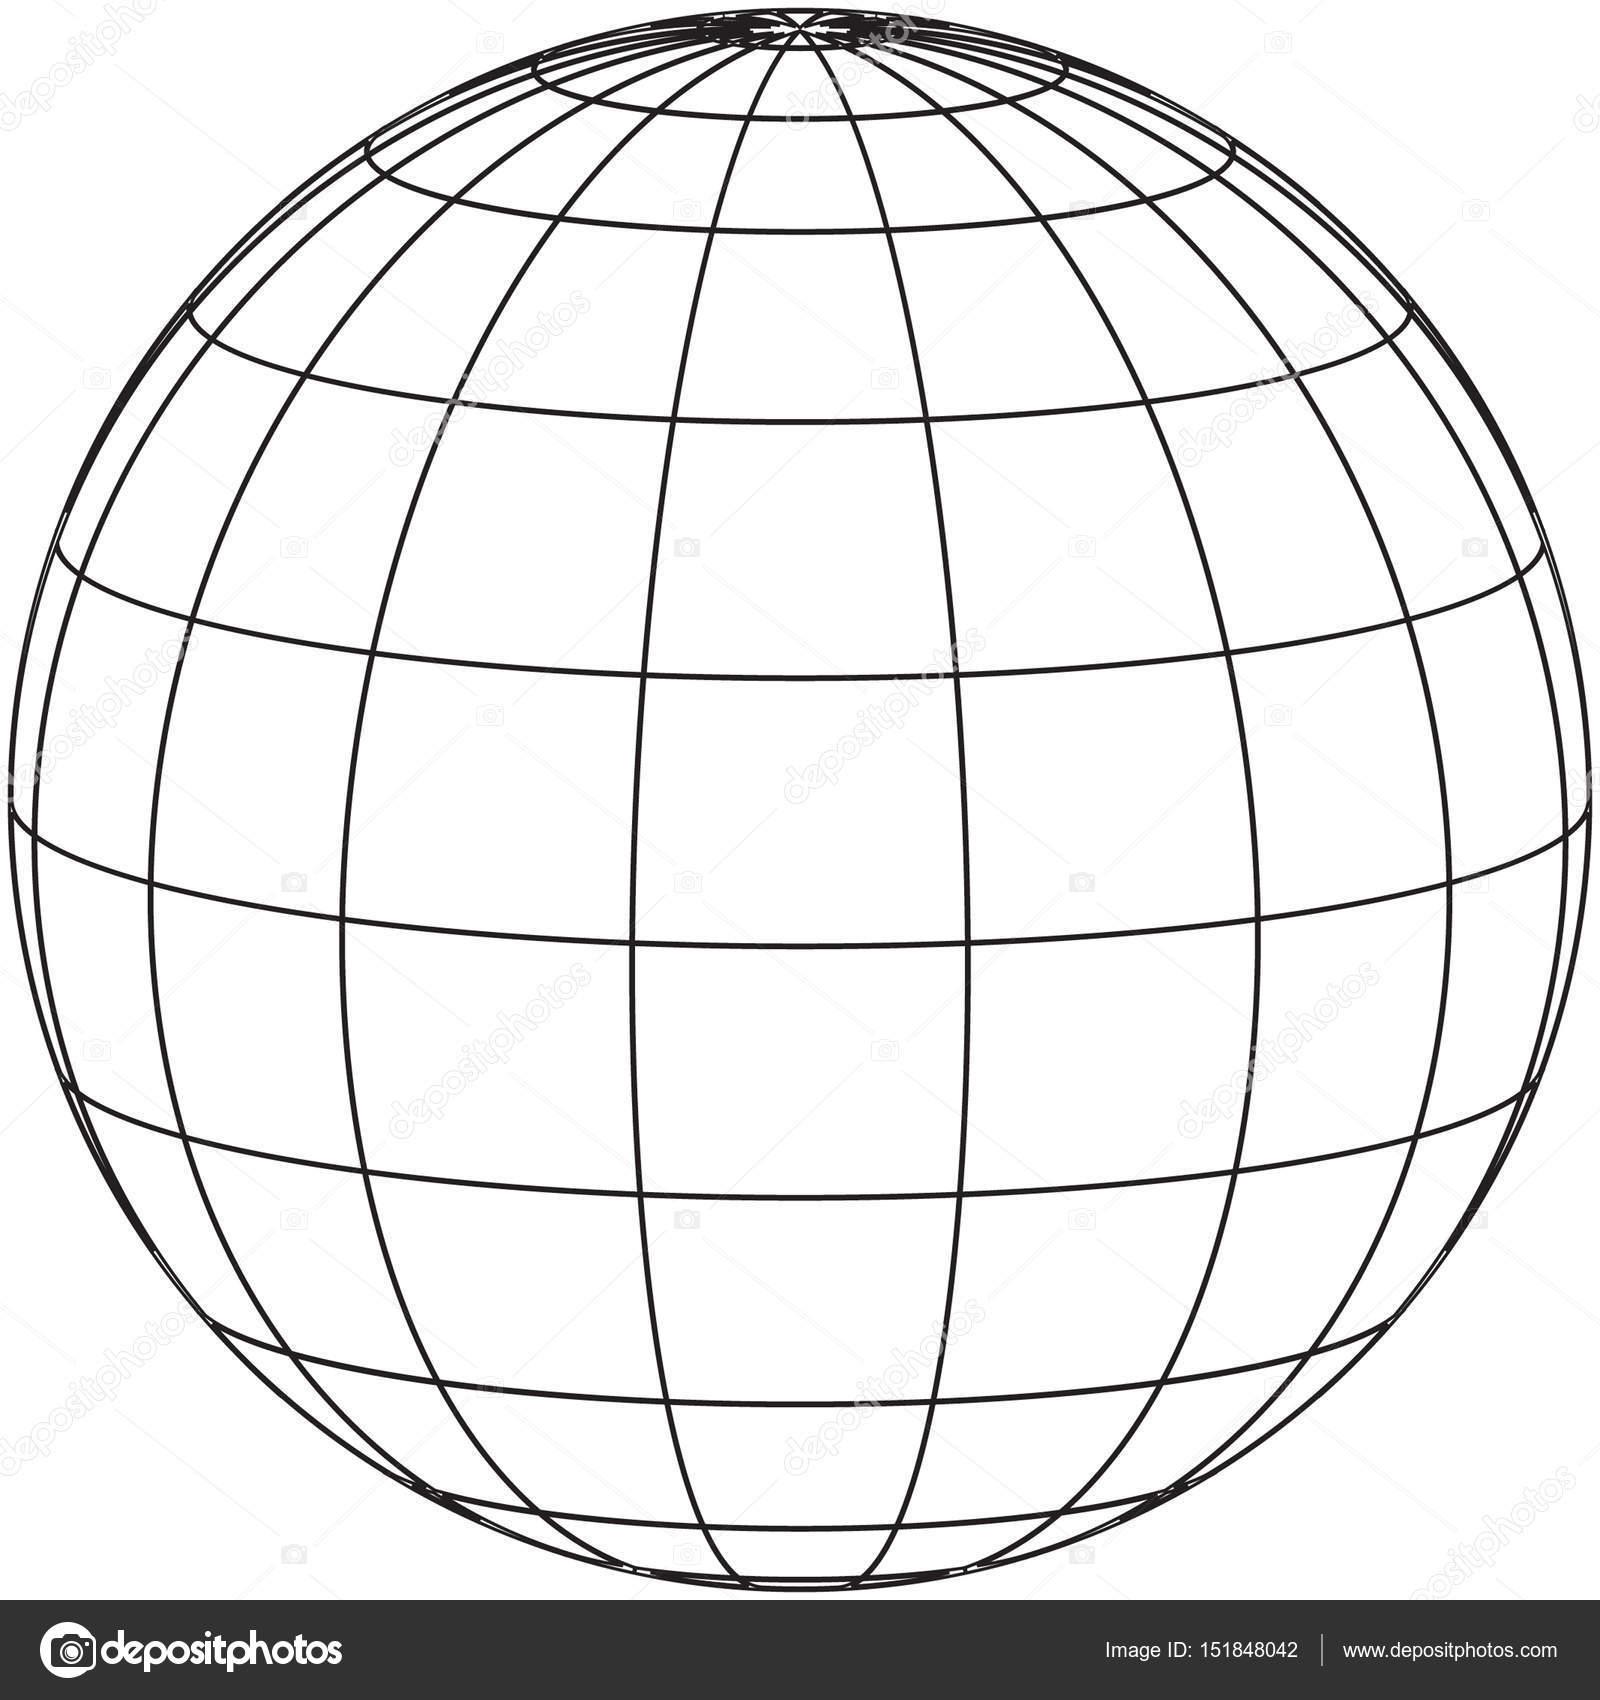 Concetto del globo filo disegno — Foto Stock © jamesstar